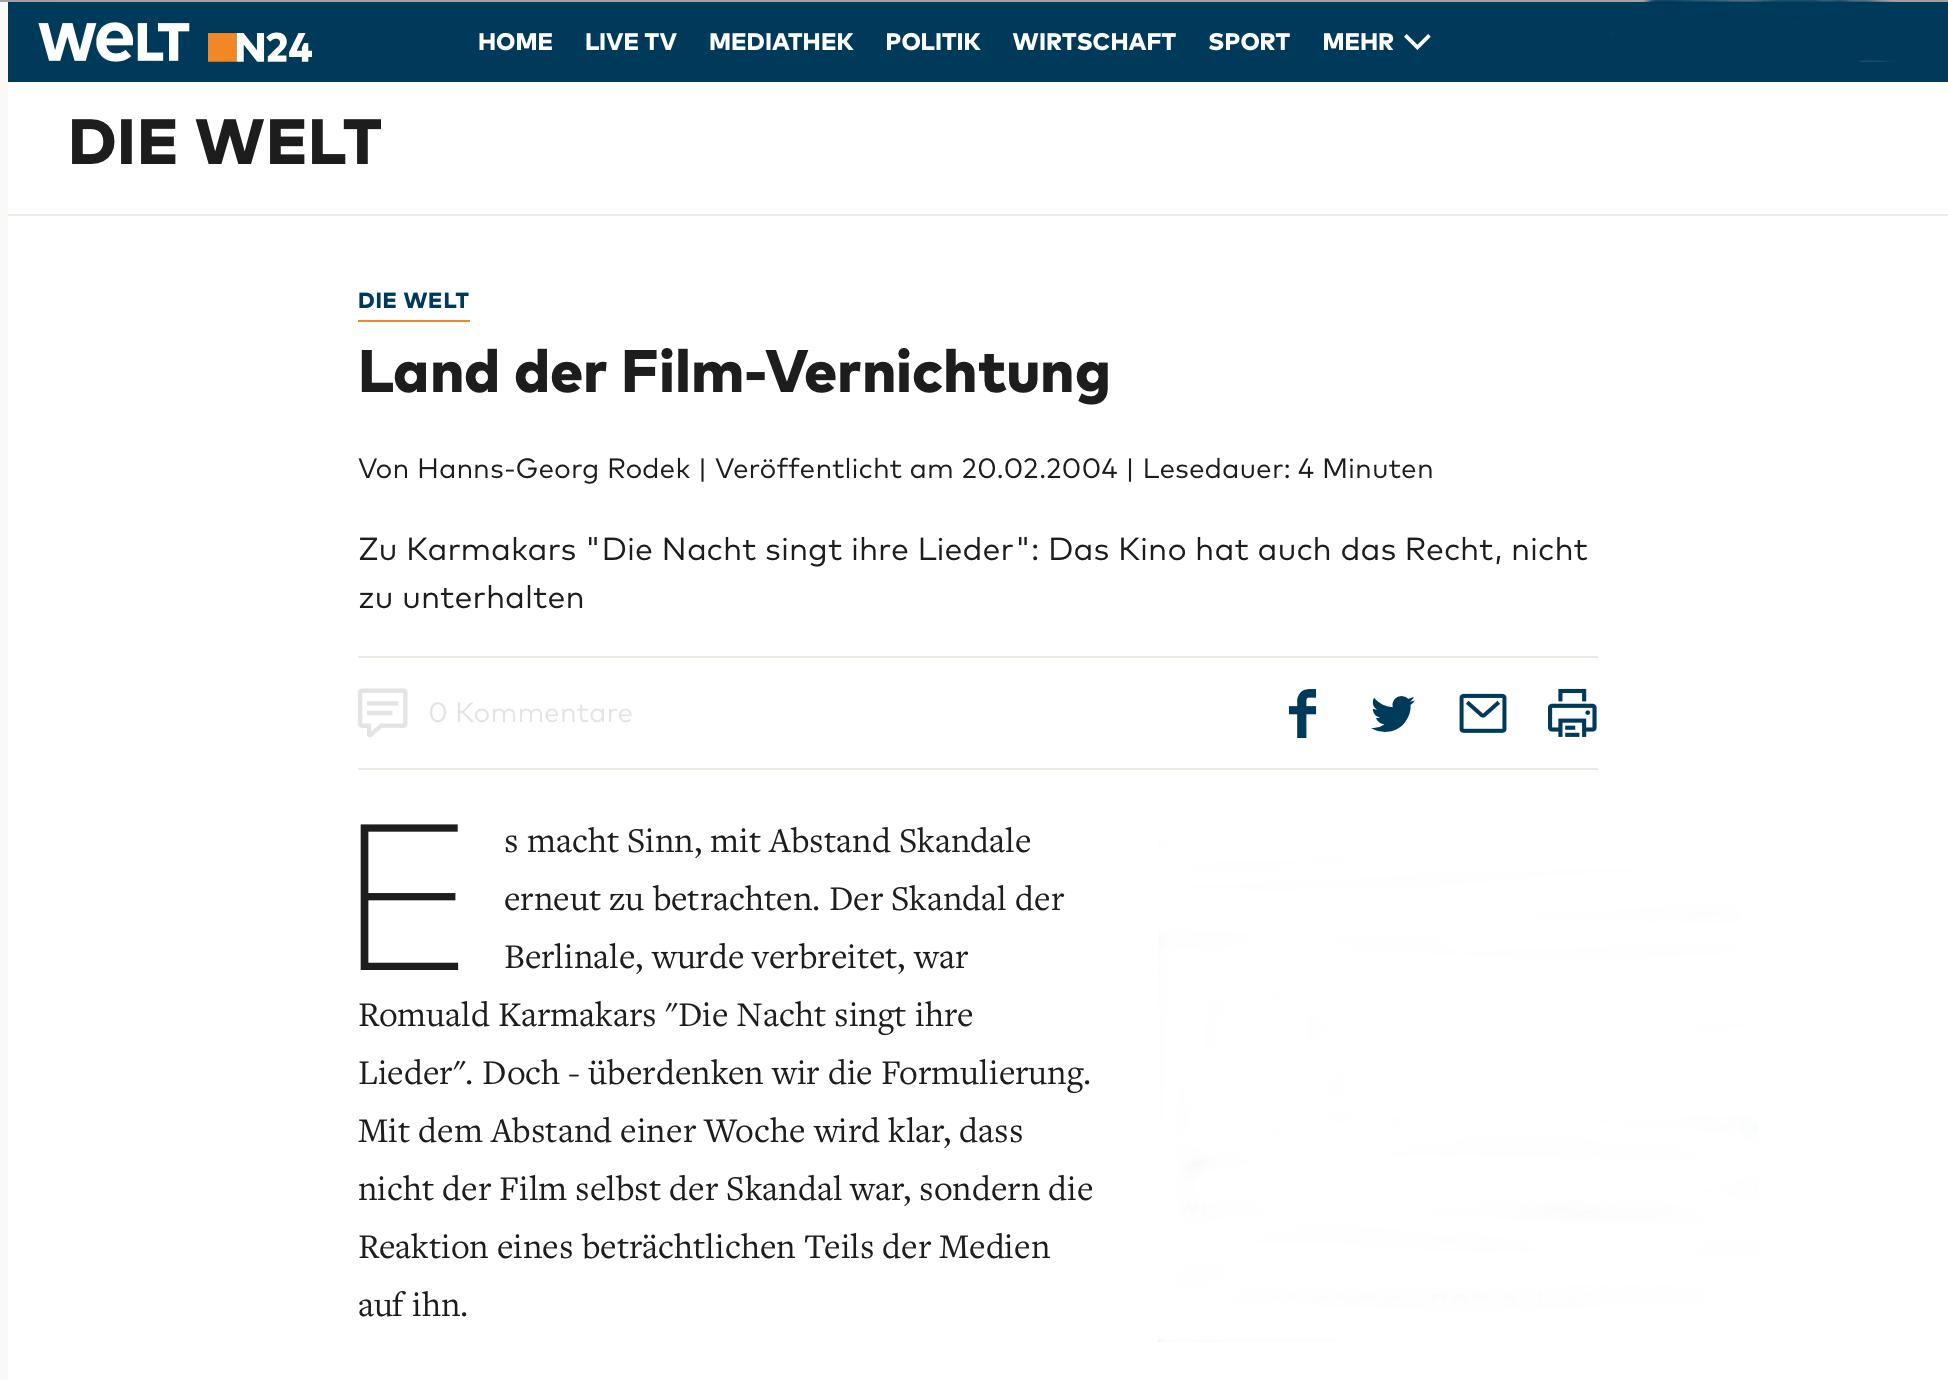 LAND DER FILM-VERNICHTUNG